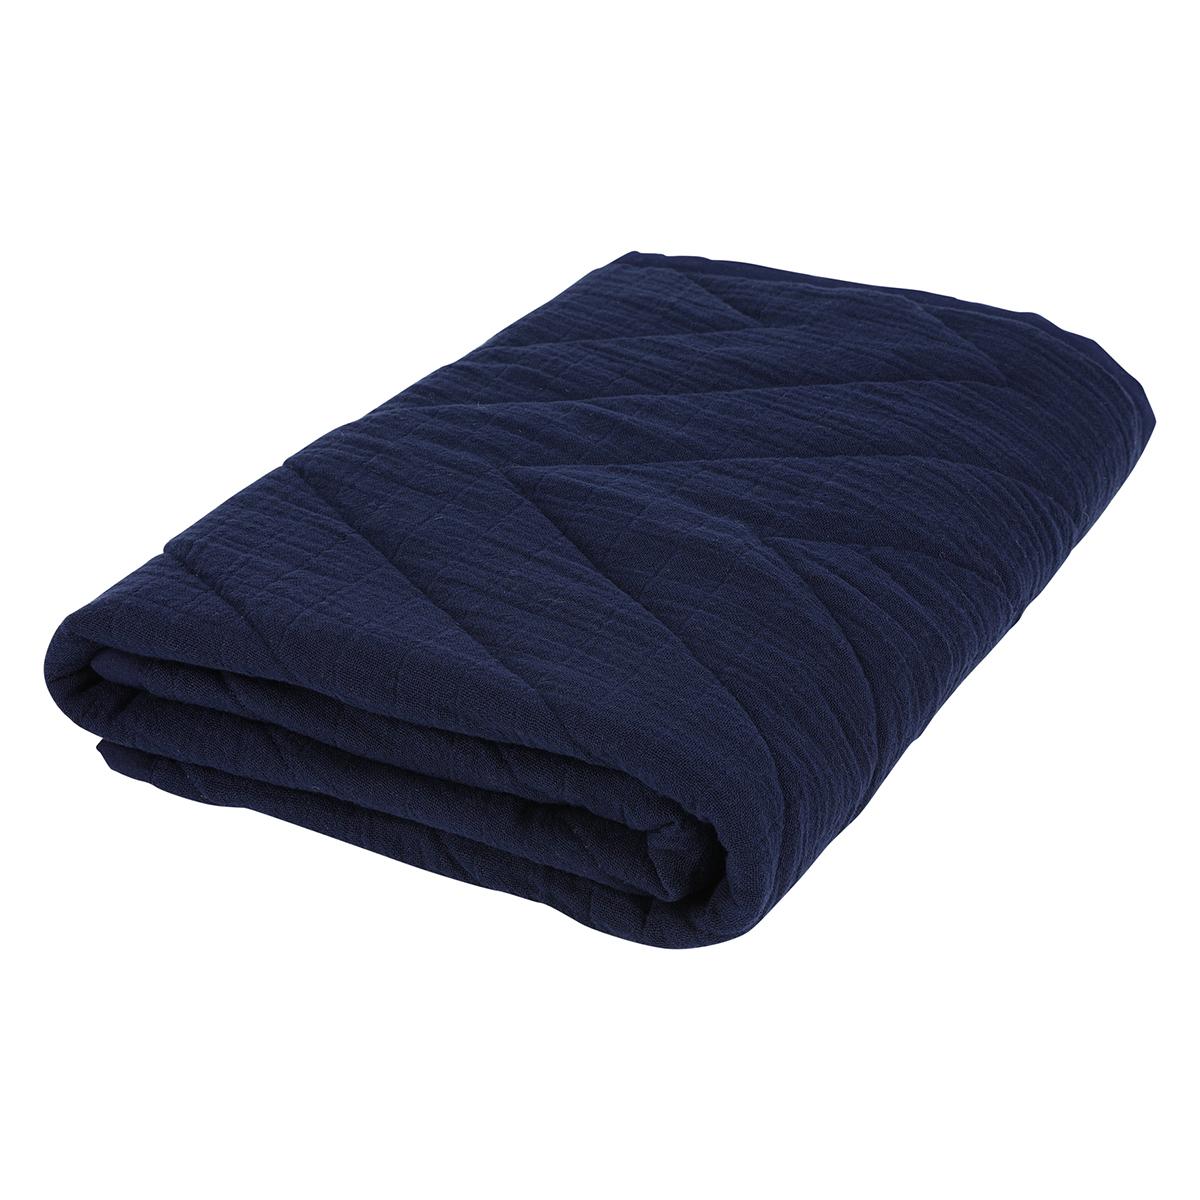 Linge de lit Couverture - Bliss Blue Couverture - Bliss Blue